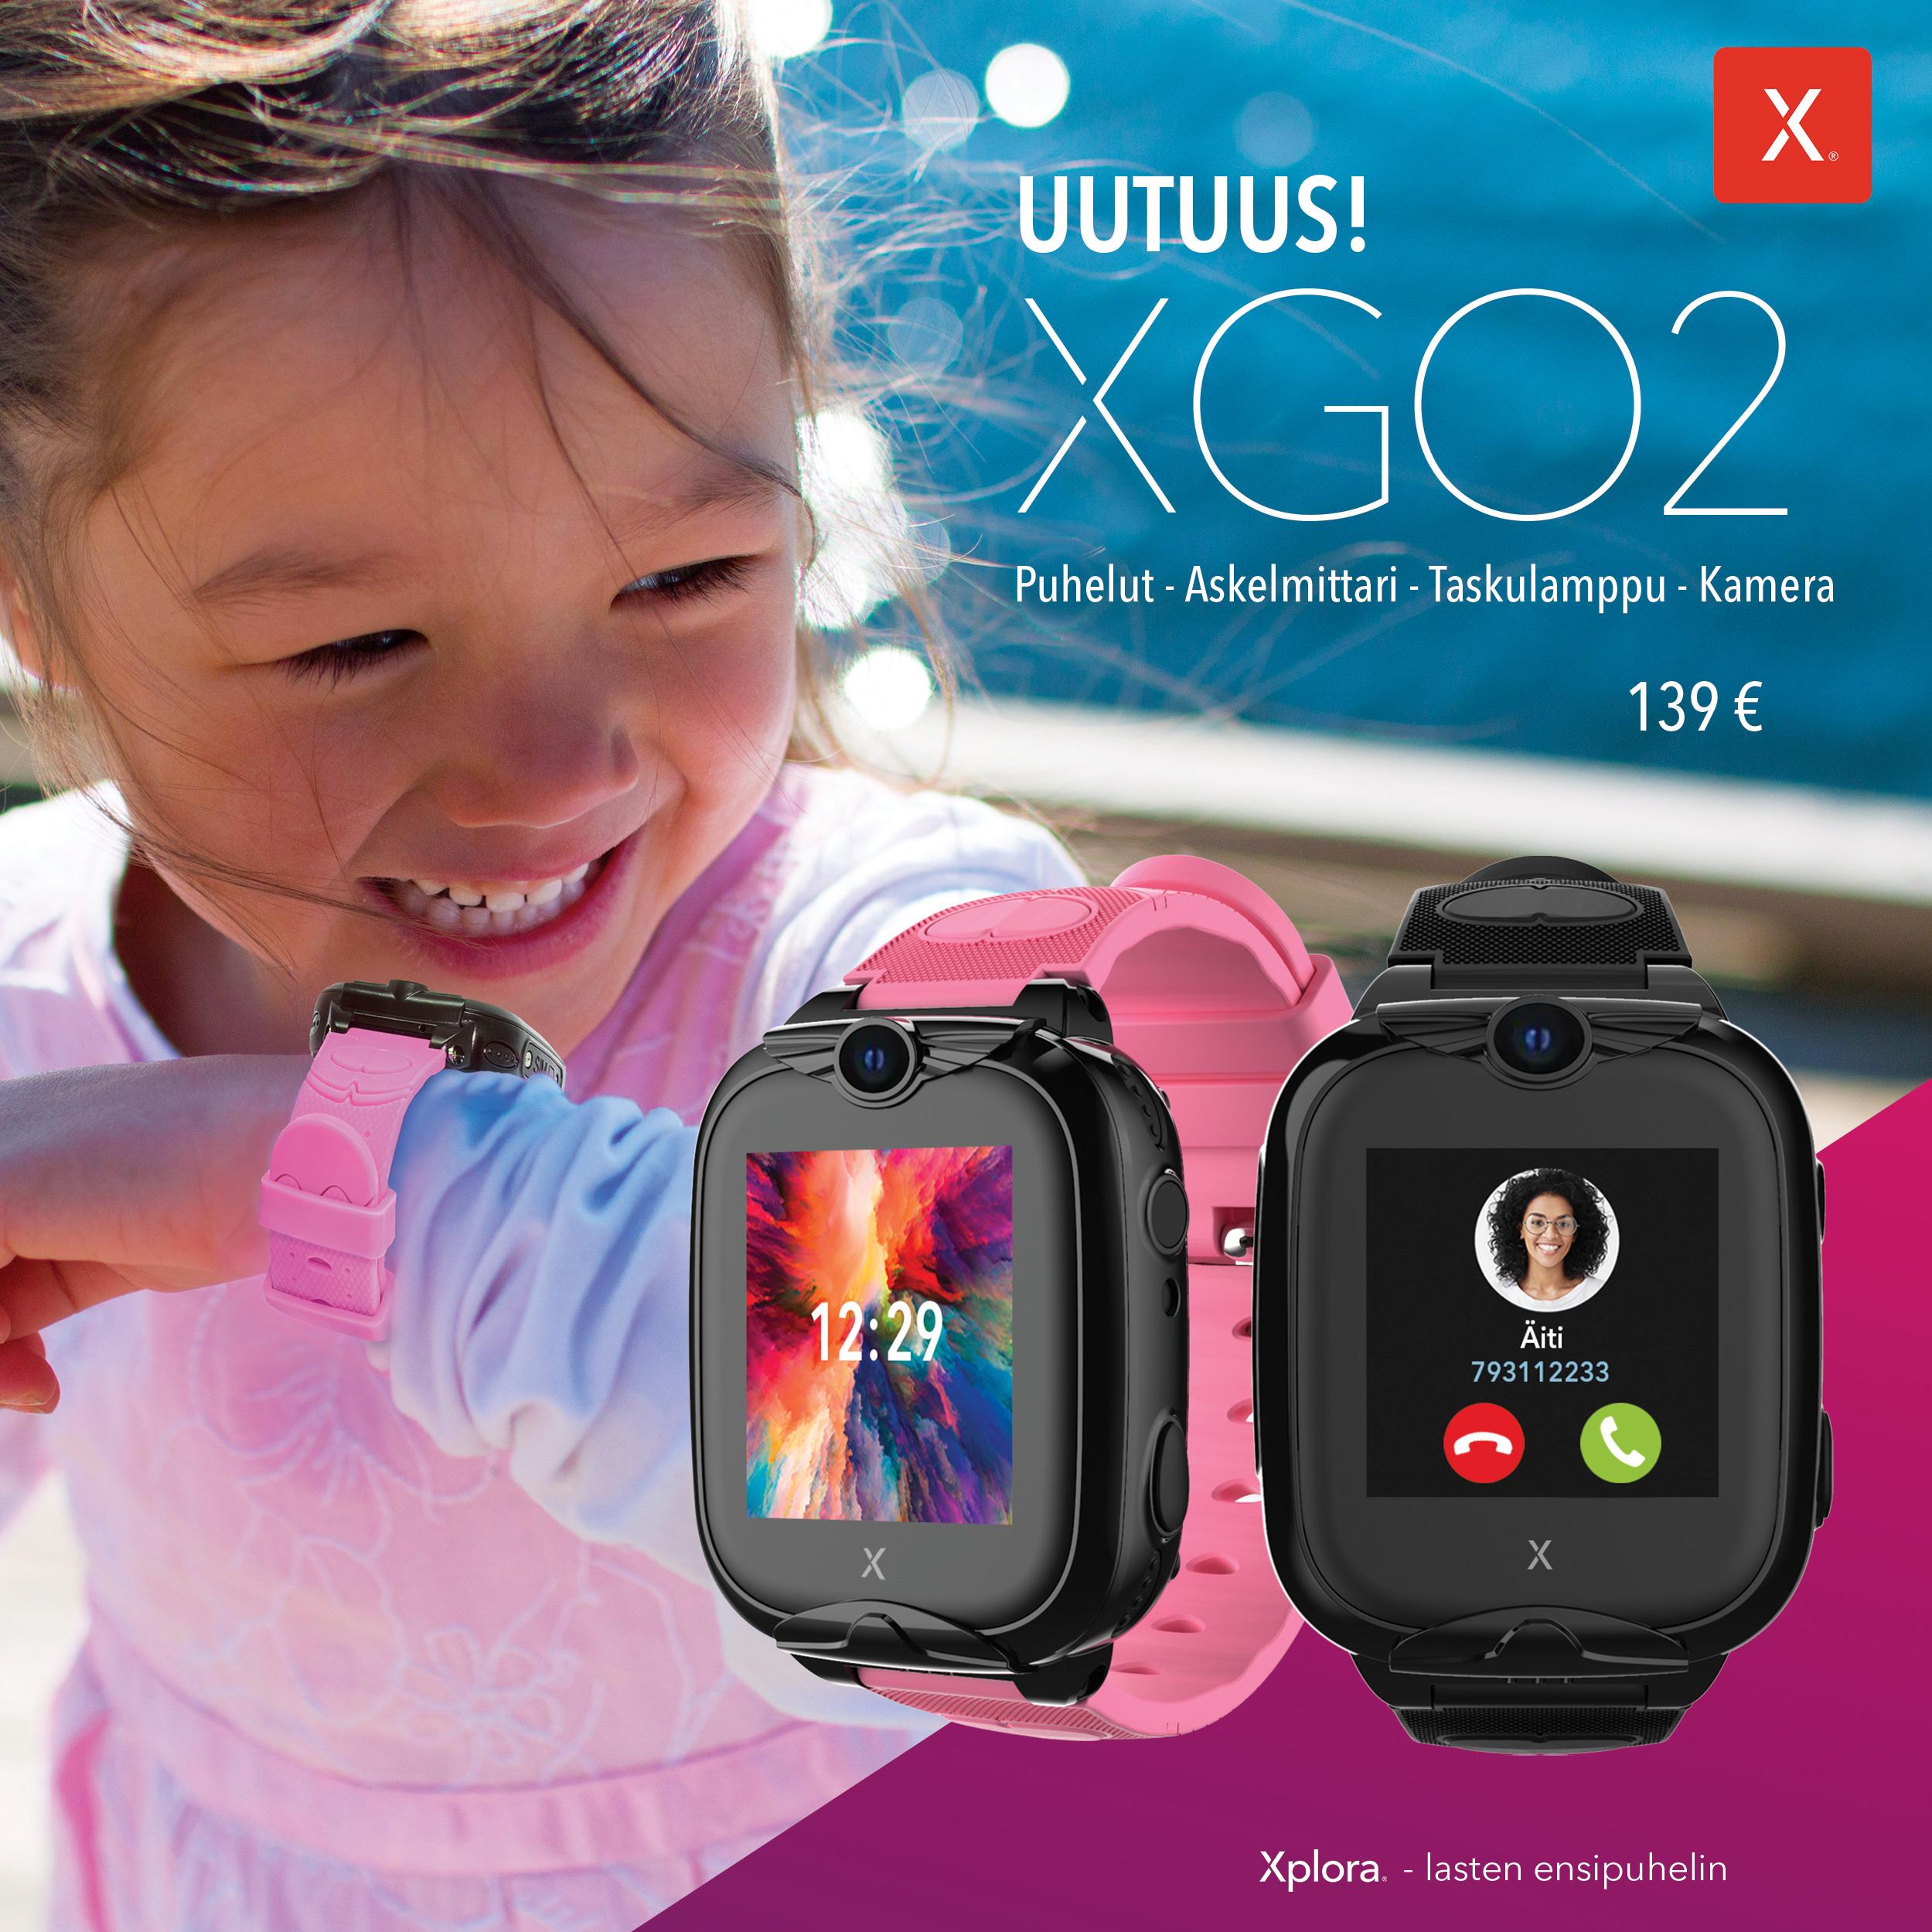 Entistä edullisempi Xplora XGO2 puhelin